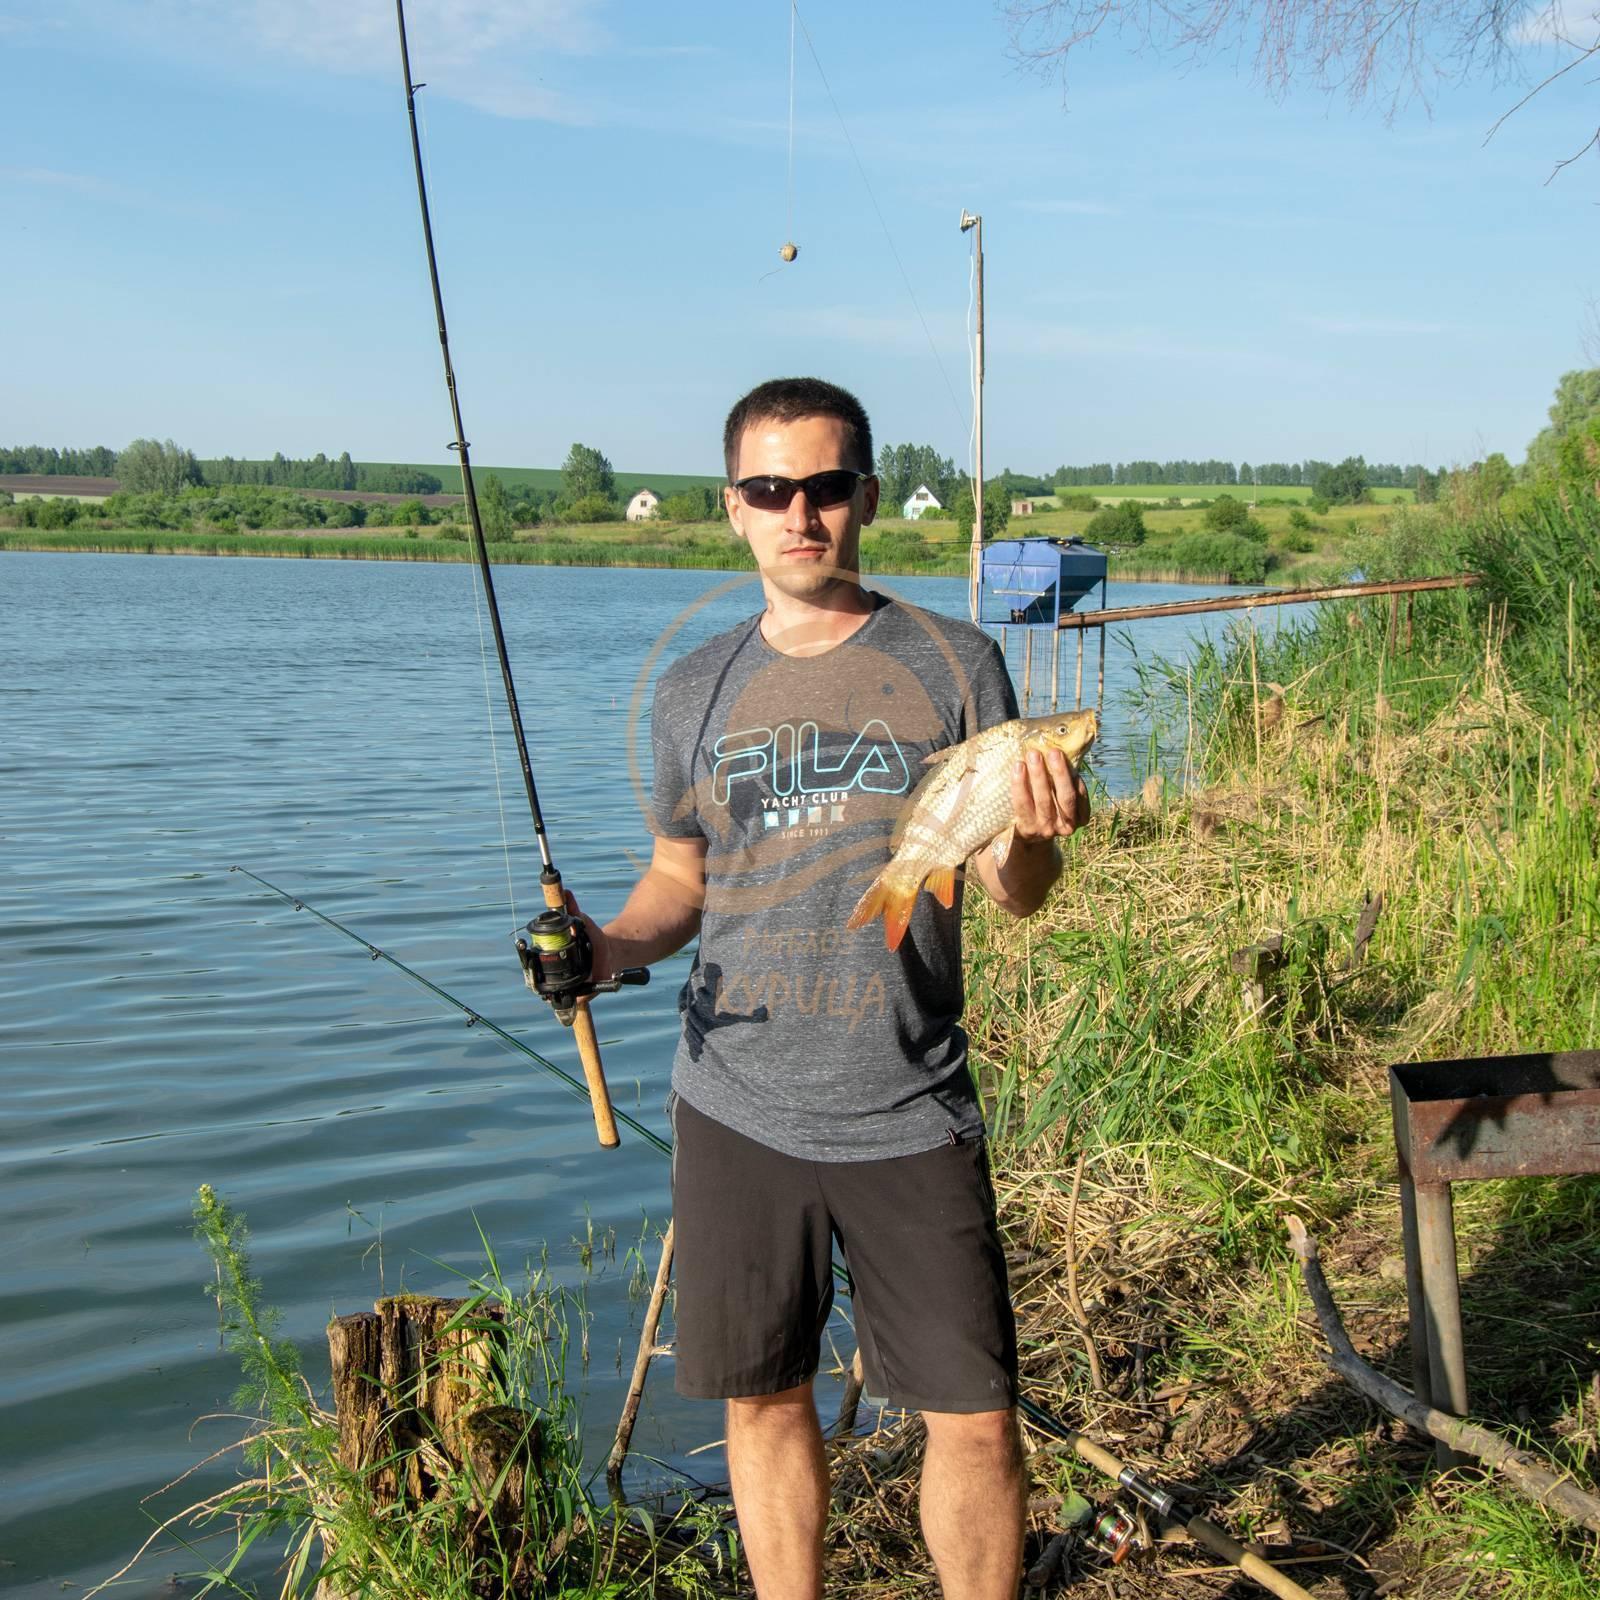 Рыбалка в брянской области - рыбные места знать полезно!